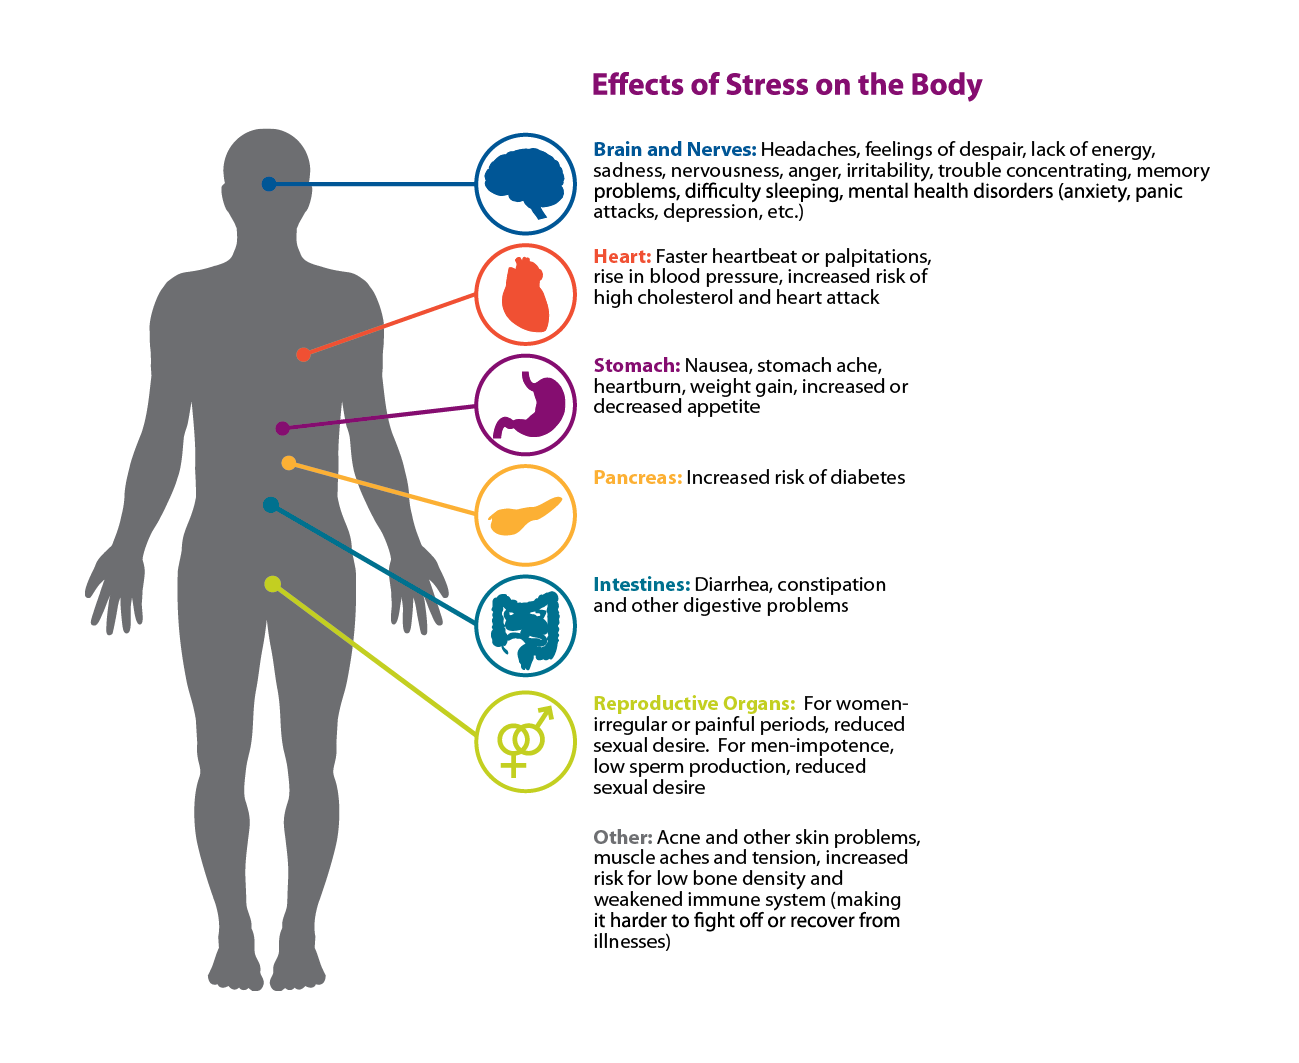 vad händer med kroppen vid stress